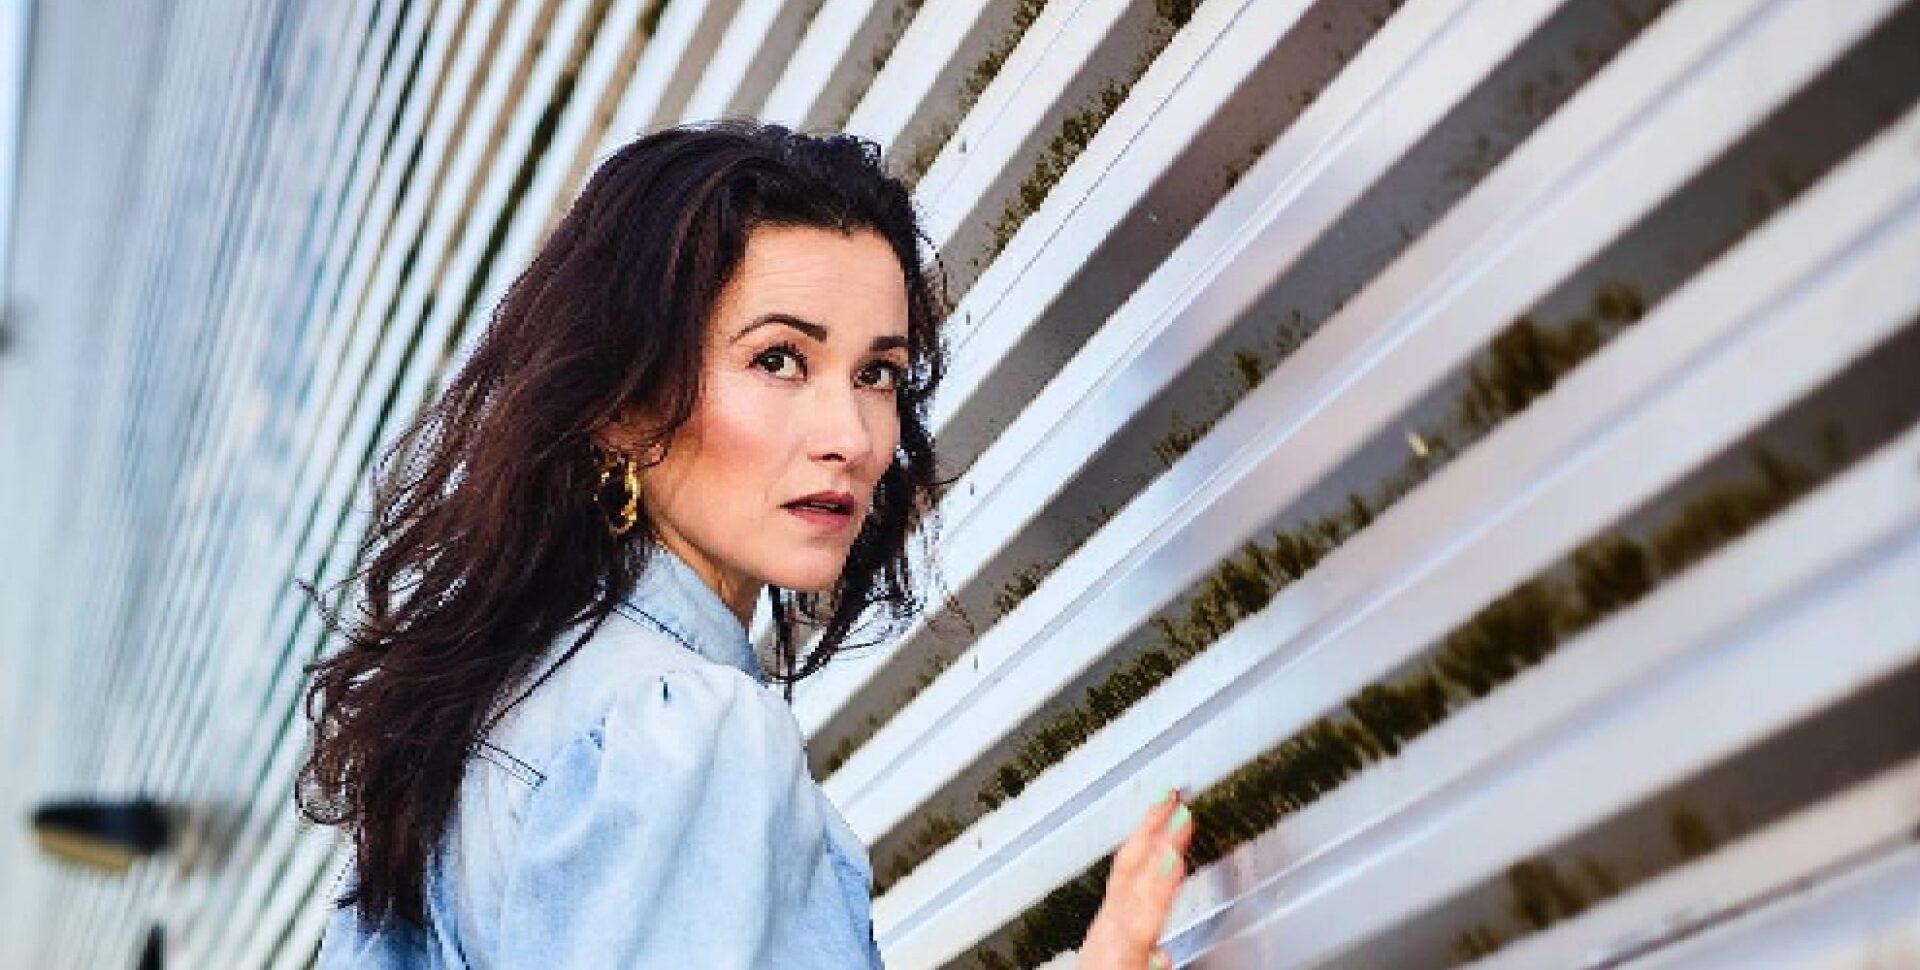 Birgit Schuurman Instagram Model Actrice Zangeres Zoon Getrouwd Ex